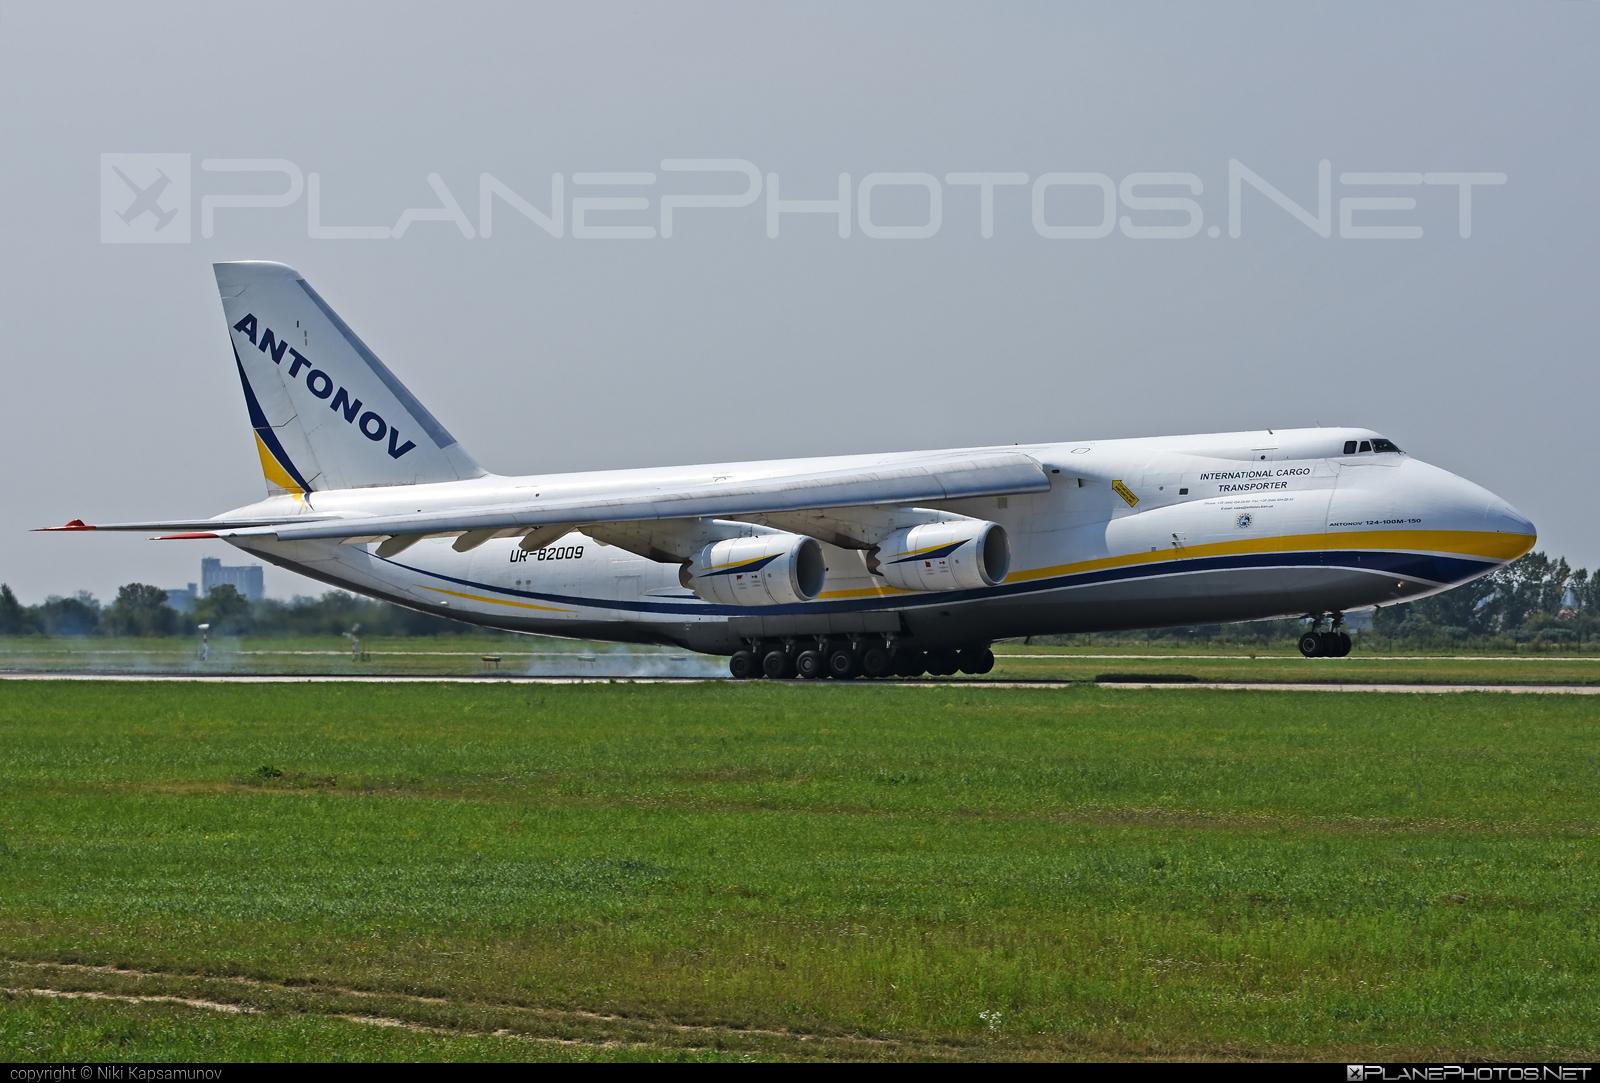 Antonov Airlines Antonov An-124-100M-150 Ruslan - UR-82009 #an124 #an124100m150 #antonov #antonov124 #ruslan